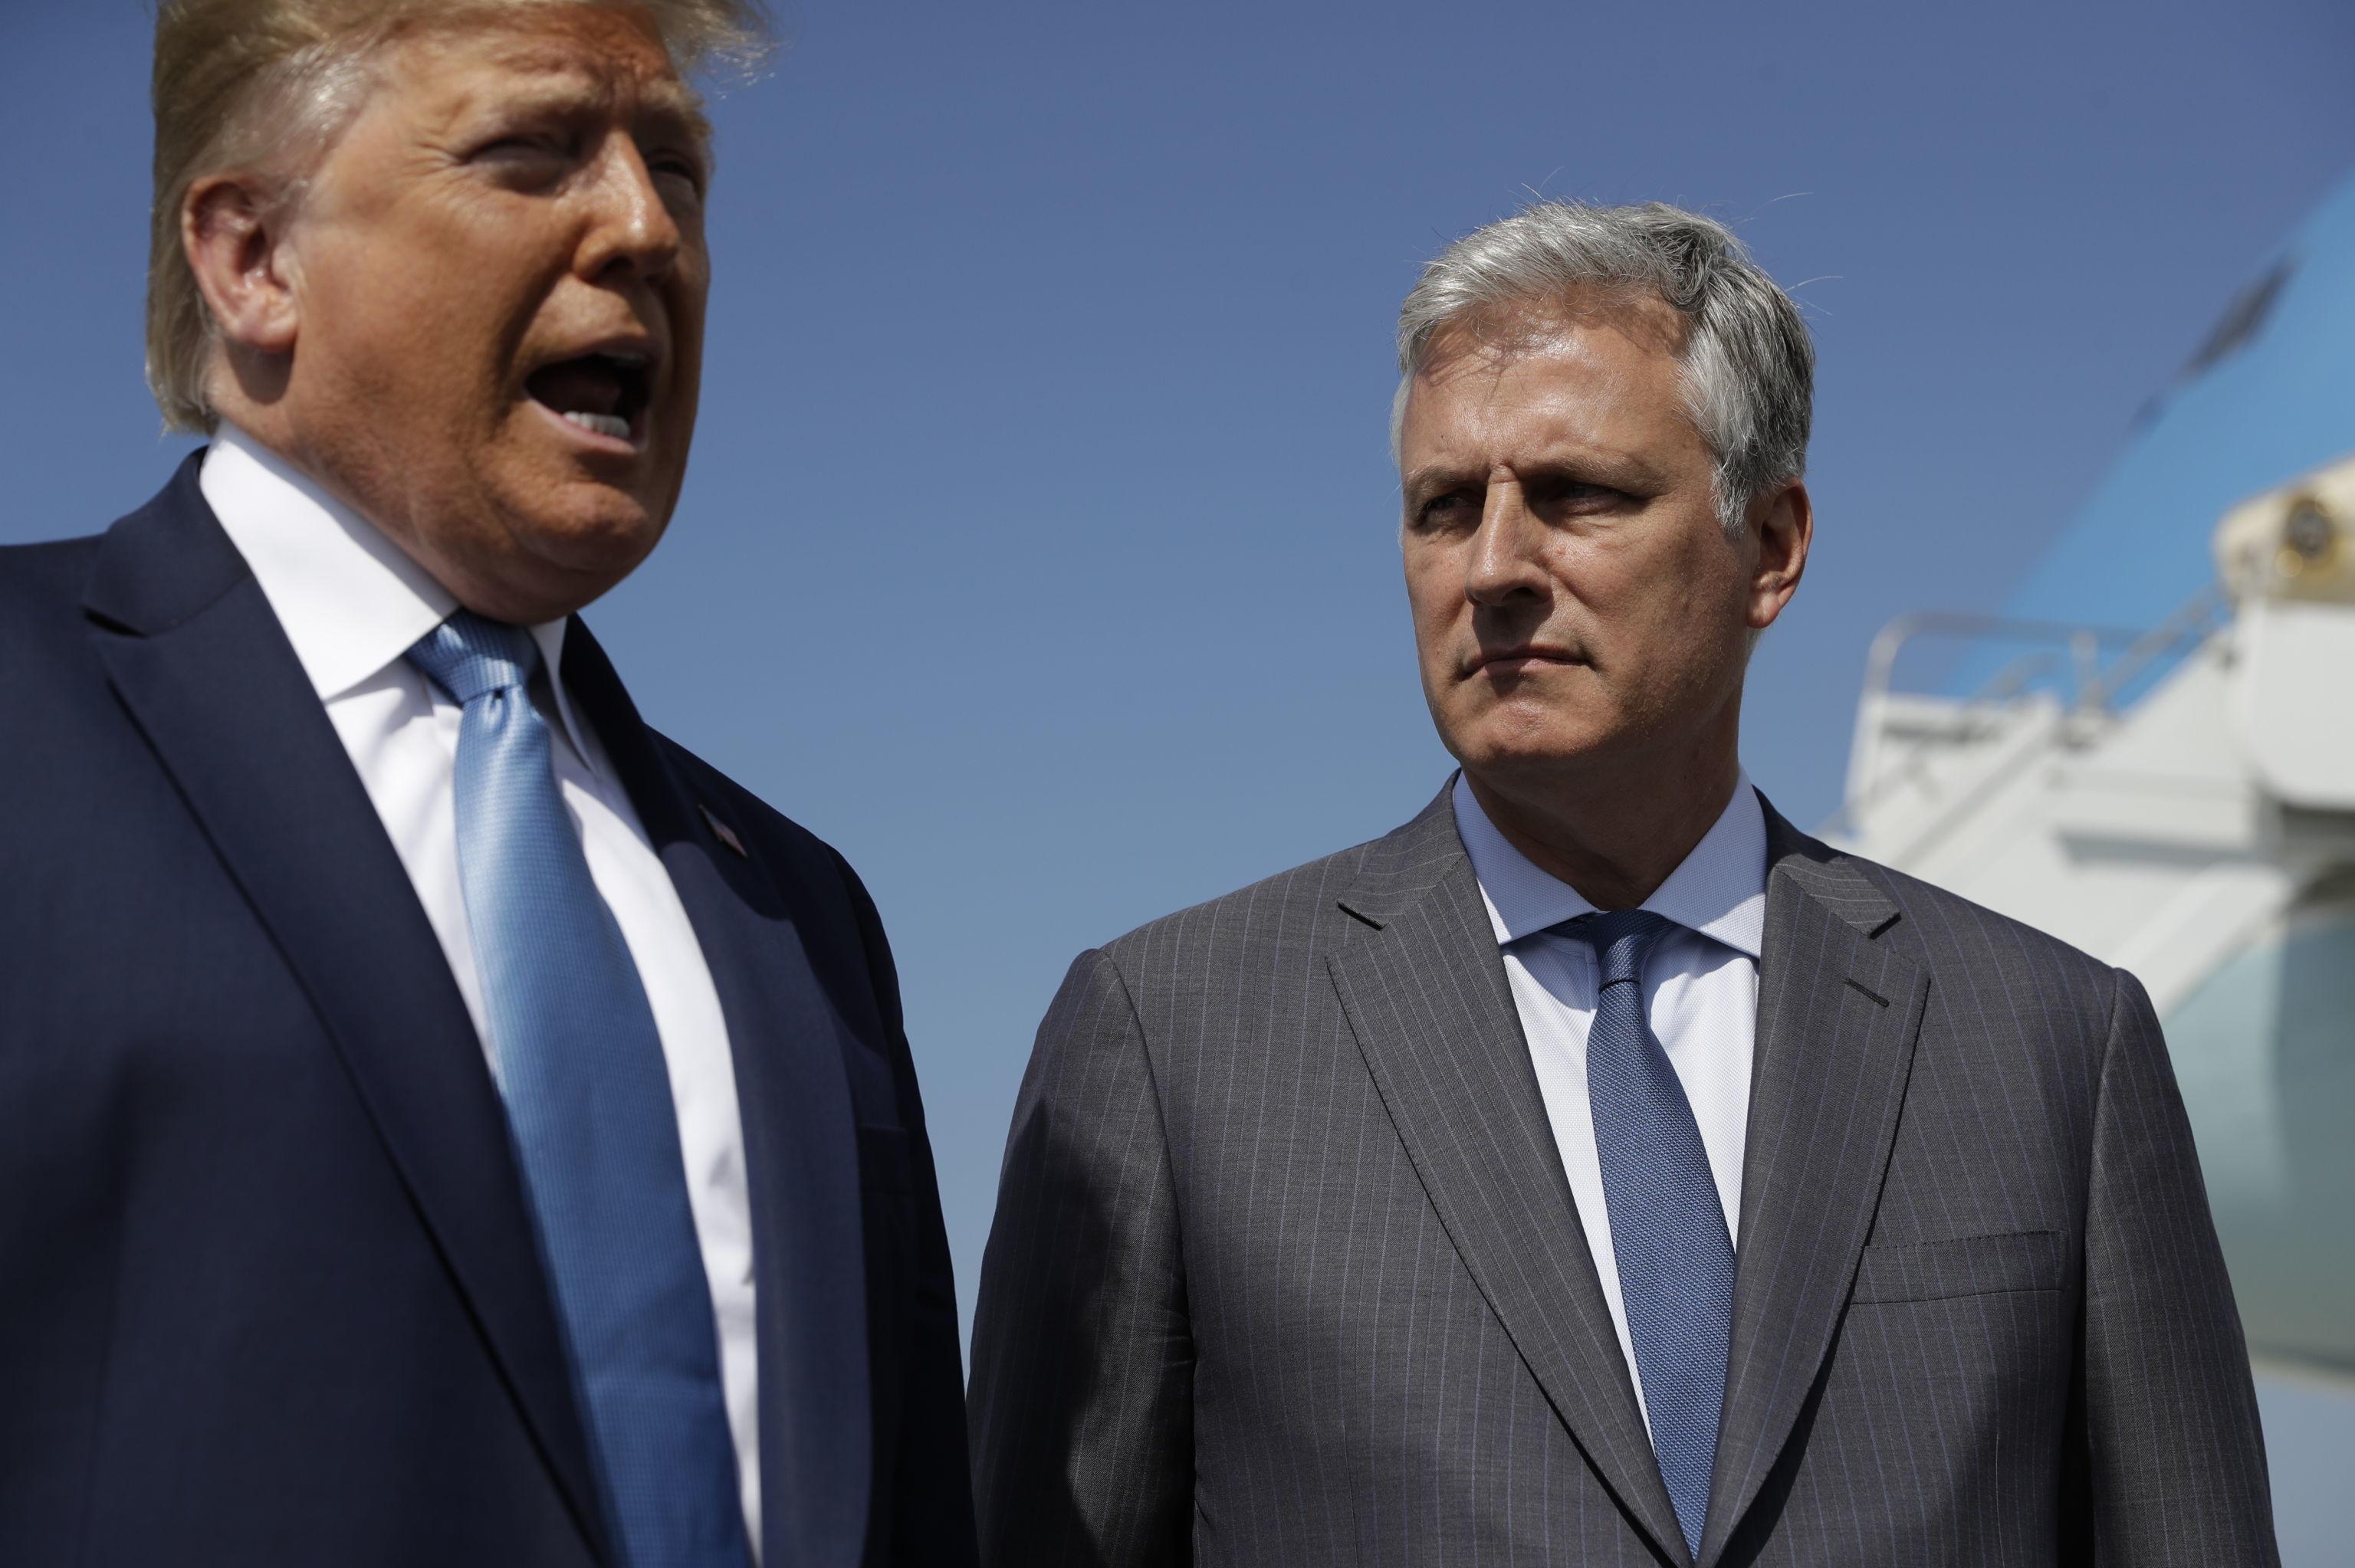 O presidente dos EUA, Donald Trump, e seu novo assessor de Segurança Nacional, Robert O'Brien, em Los Angeles no dia 18 de setembro de 2019.